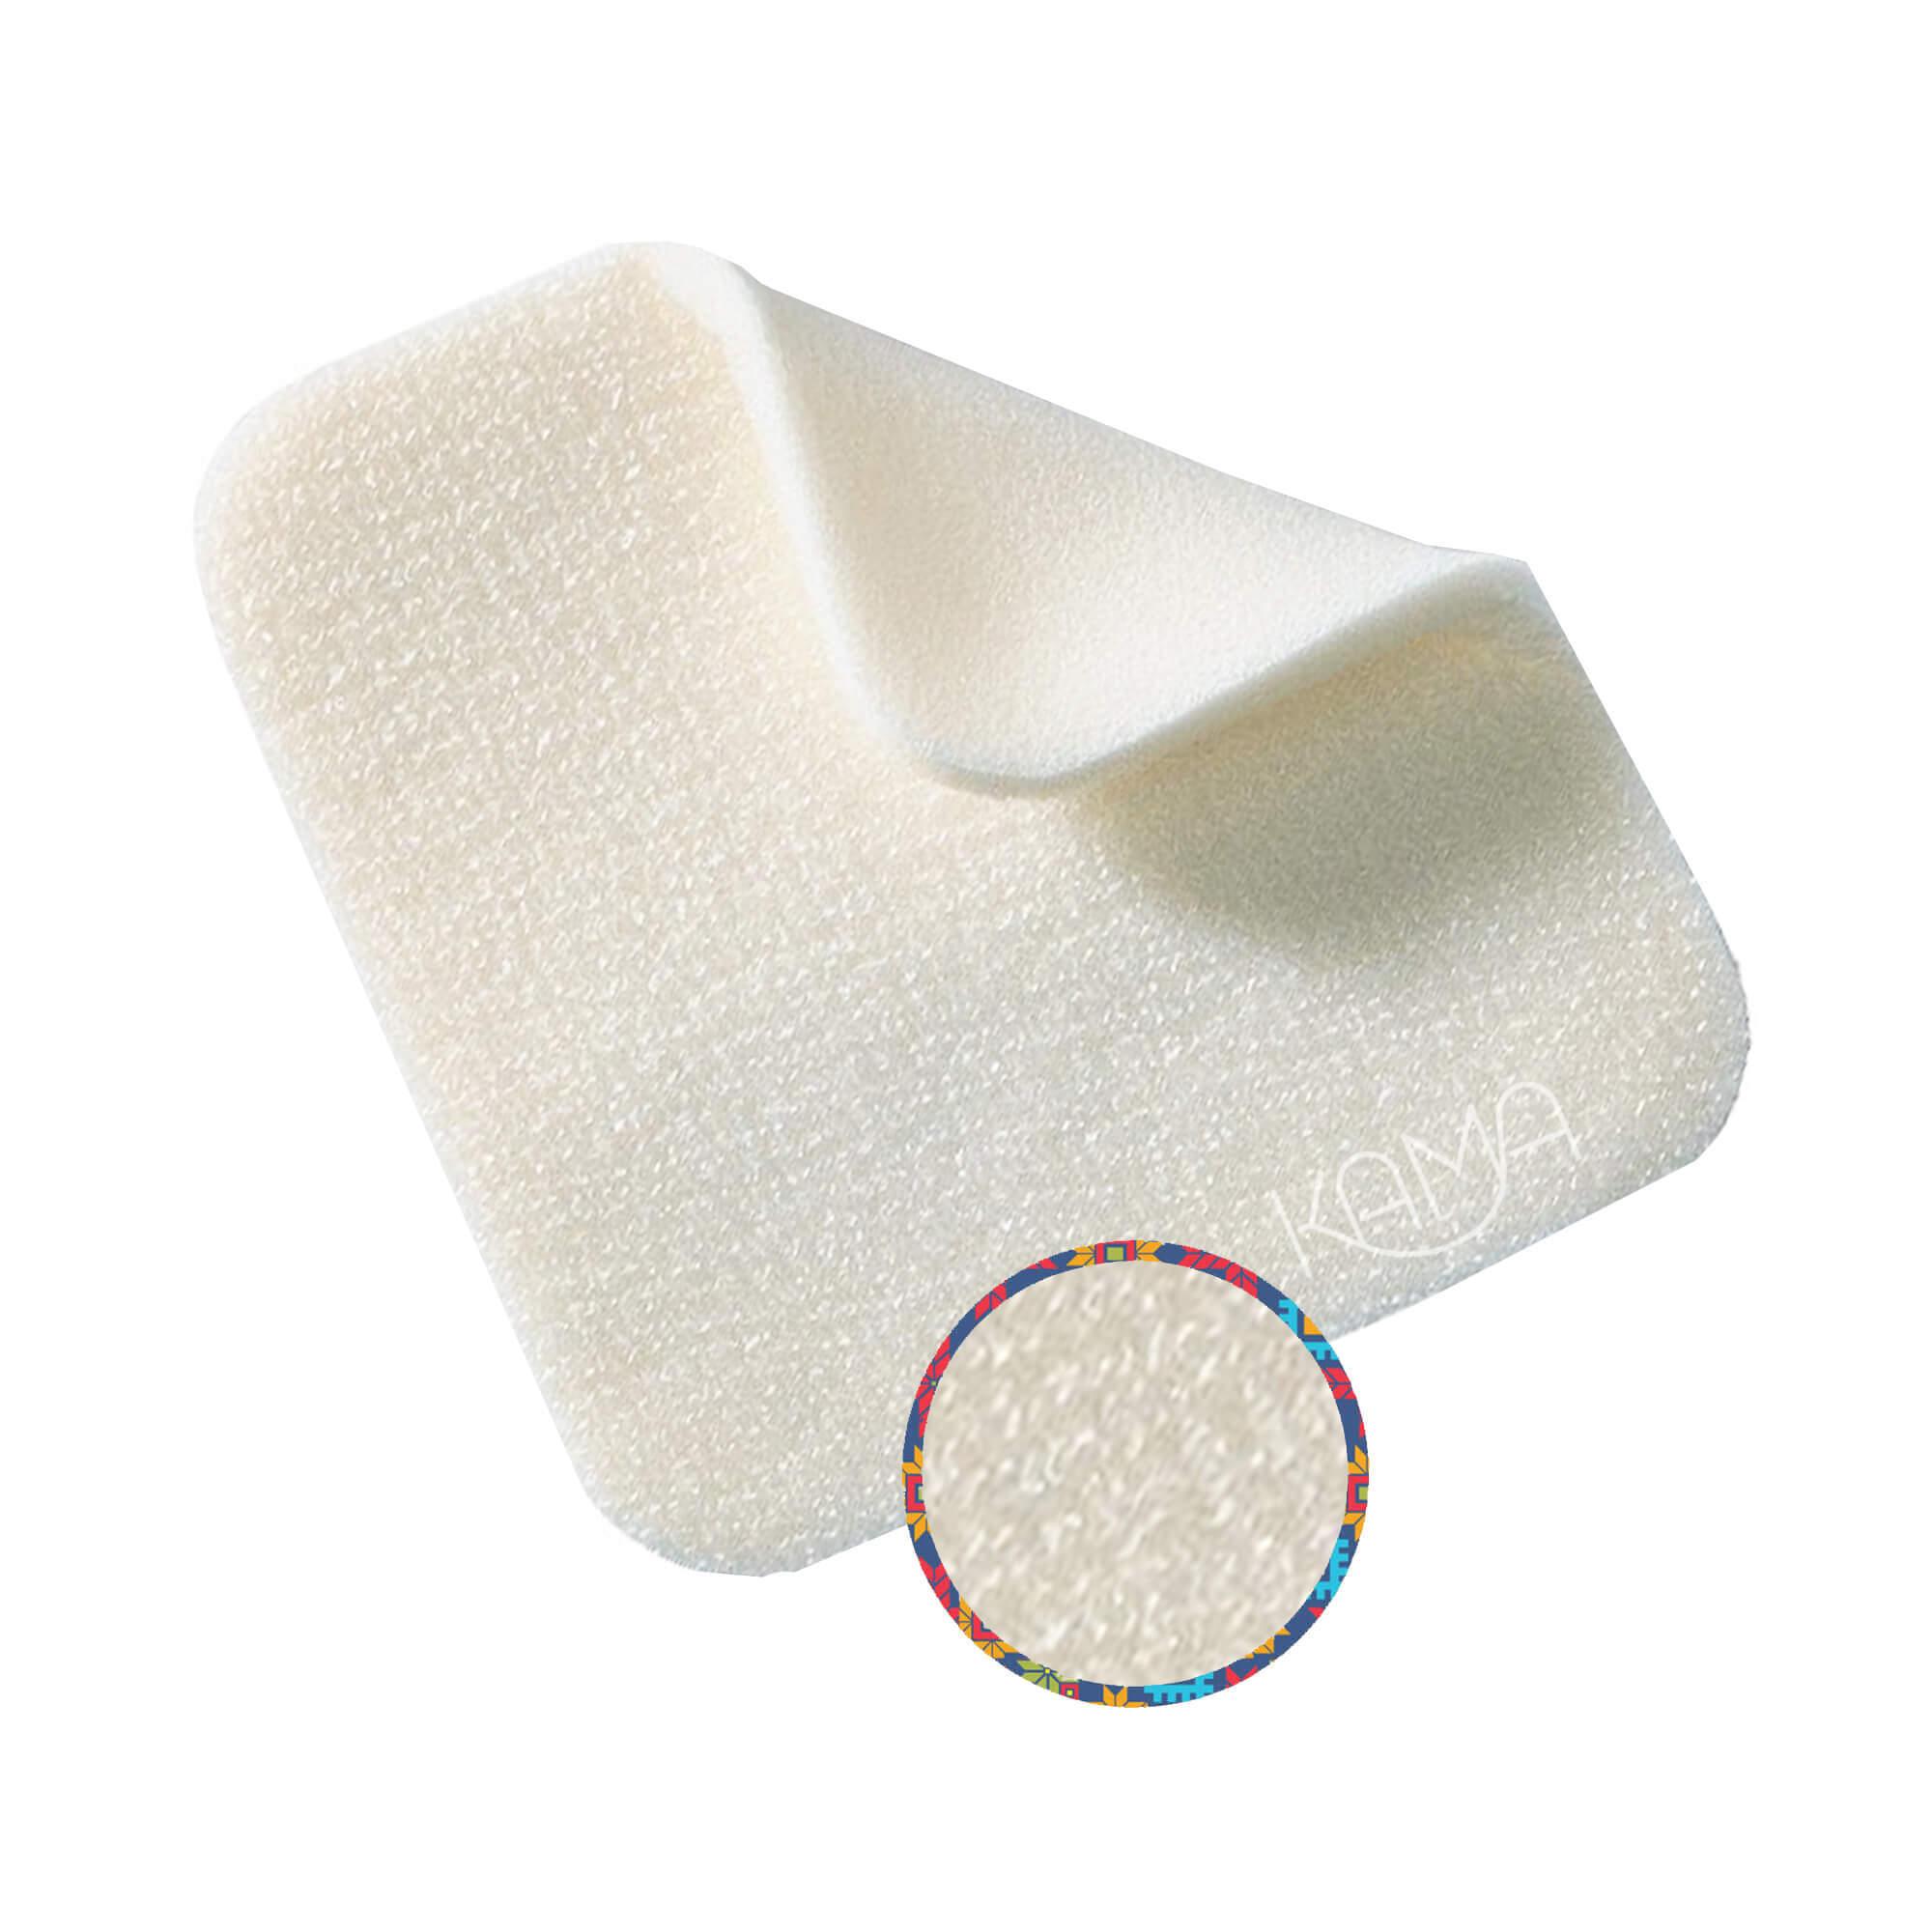 Повязка Мепилекс с силиконом 10х20 см